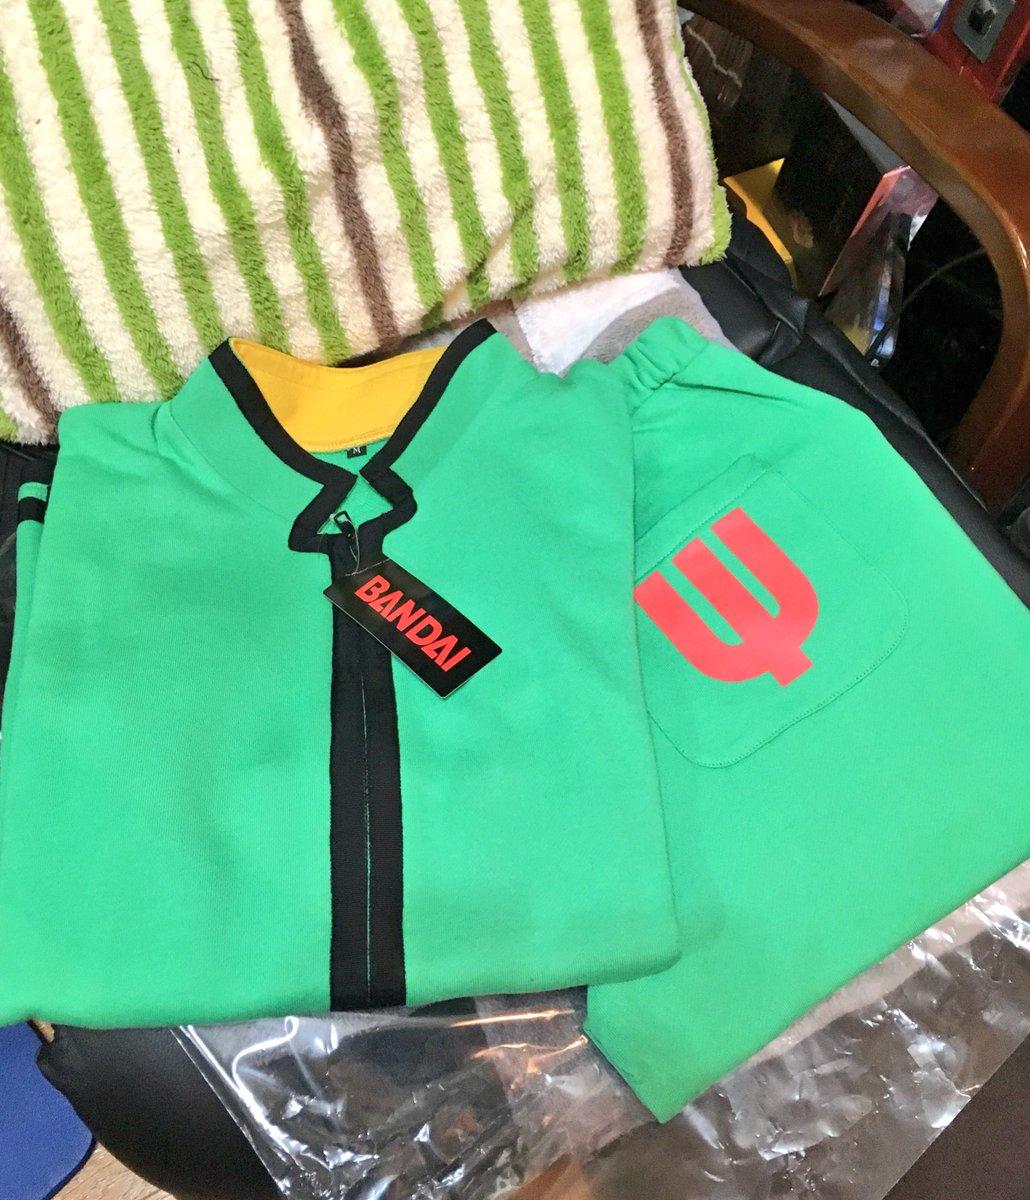 プレミアムバンダイからPK学園制服風ジャージが届いたぞ。これで超能力が使えるように...なる訳ないが自宅での楠雄ごっこは